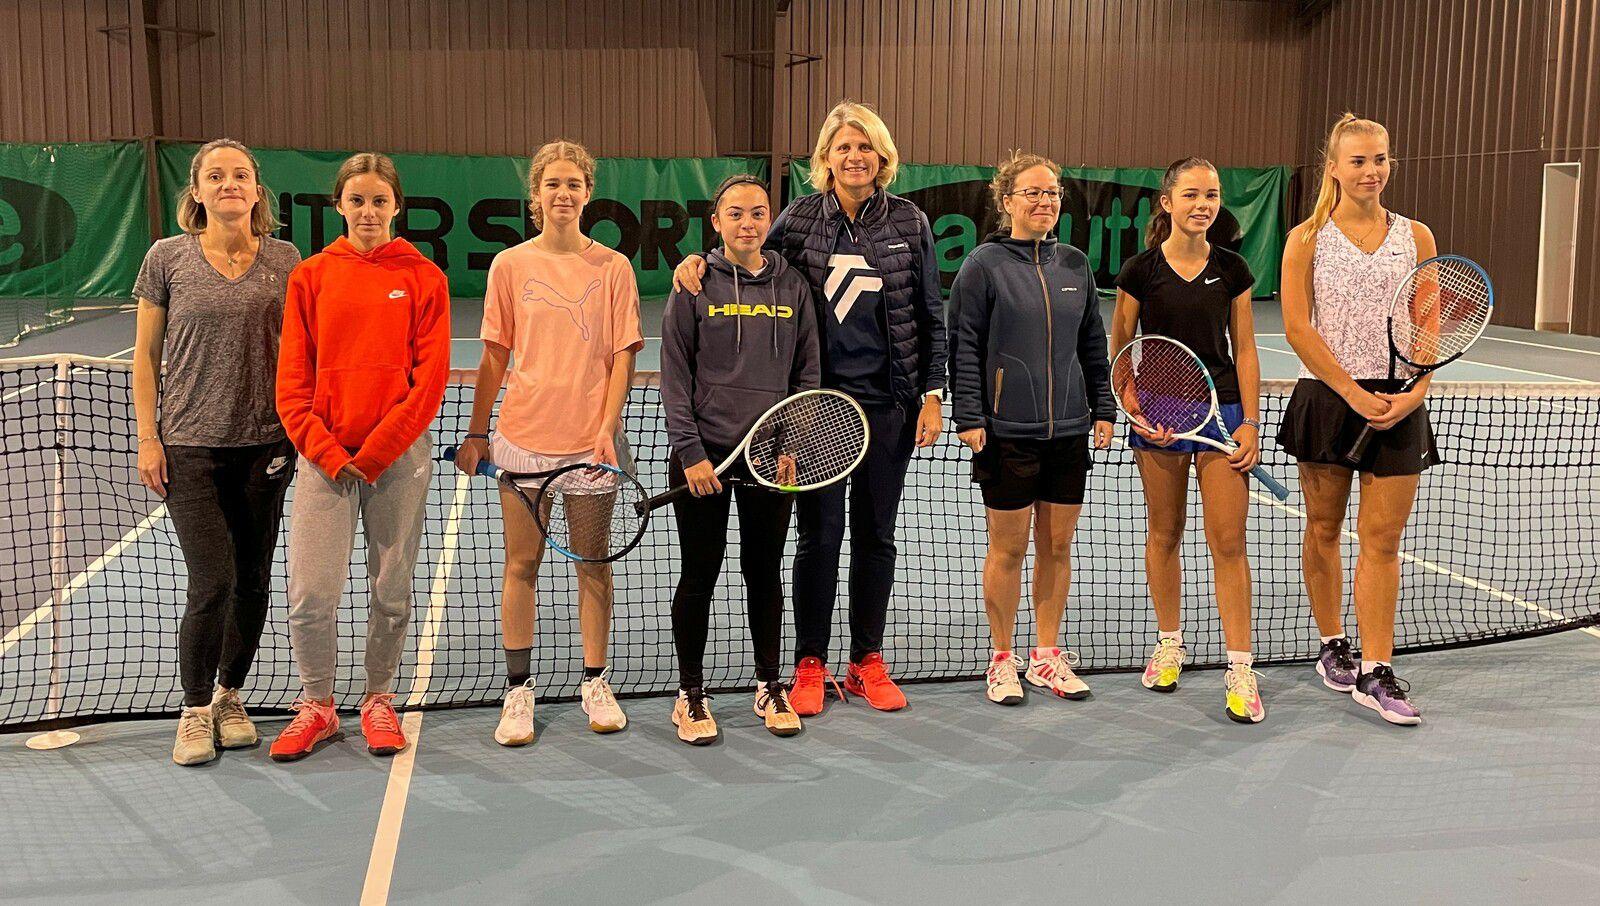 A gauche : Agathe Rault et Lucie Rolland-Mancini. Au centre : Ewa Majewski et Véronique Mancini